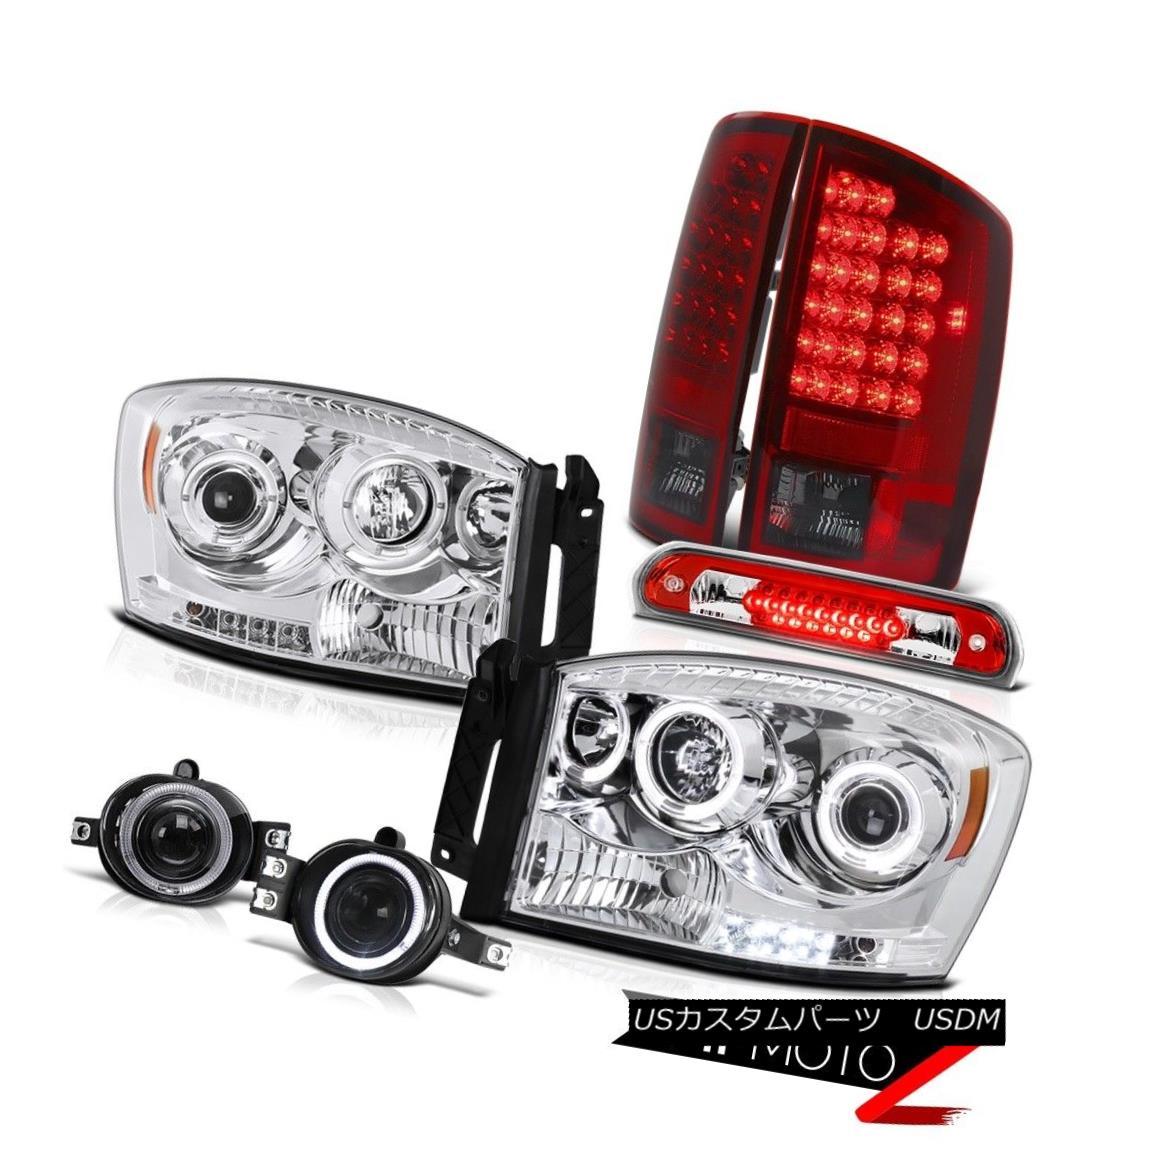 テールライト Headlights Burgundy LED Taillights Driving Fog Third 2006 Dodge Ram TurboDiesel ヘッドライトバーガンディーLEDテールライトドライビングフォグ2006年3月ダッジラムターボディーゼル